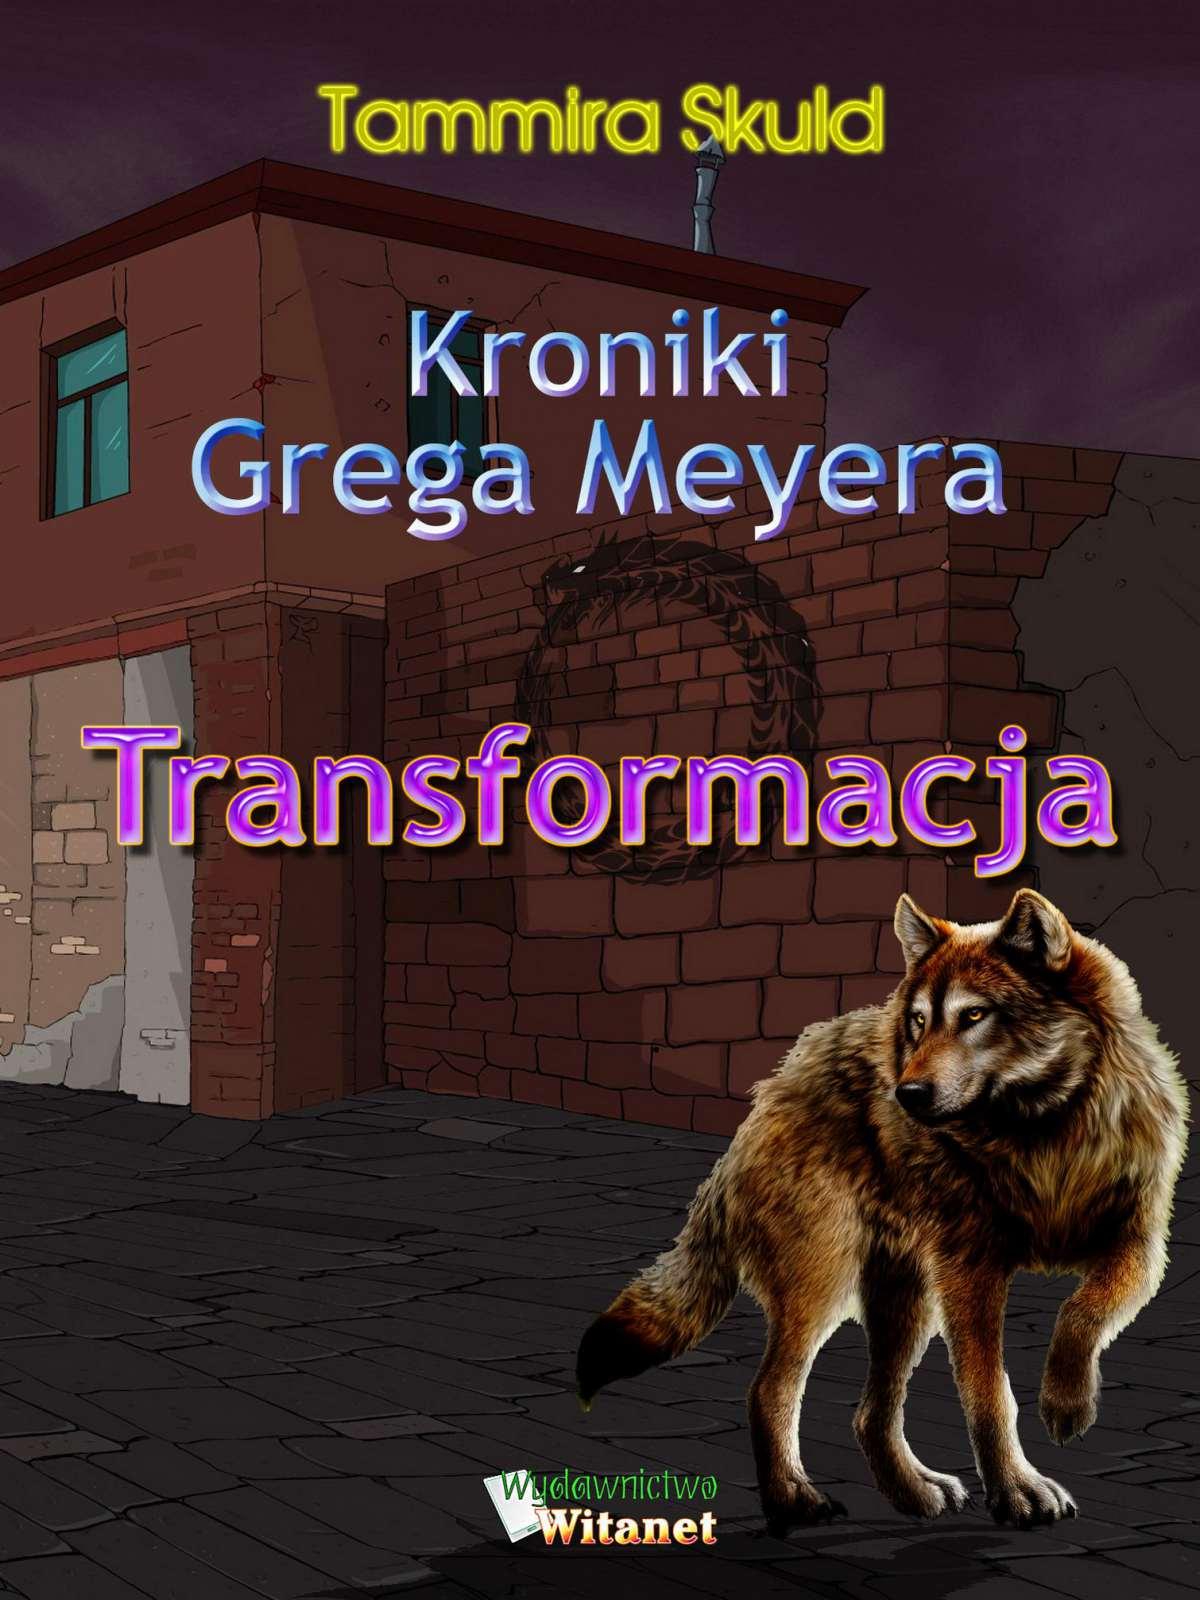 Kroniki Grega Meyera. Tom I. Transformacja - Ebook (Książka EPUB) do pobrania w formacie EPUB